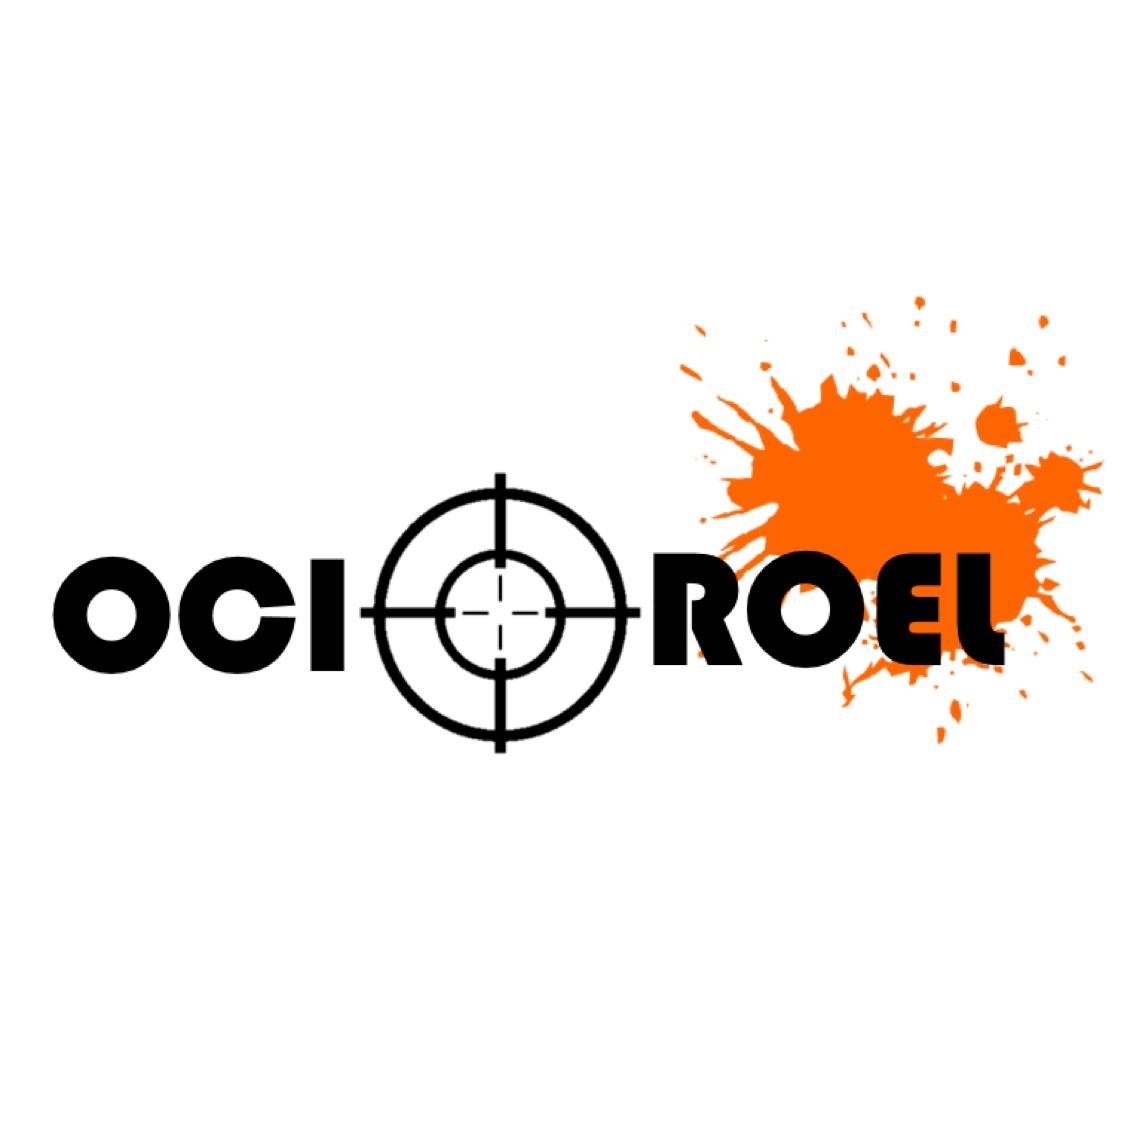 Imagen de Ocioroel,                                         propietario de Ocioroel